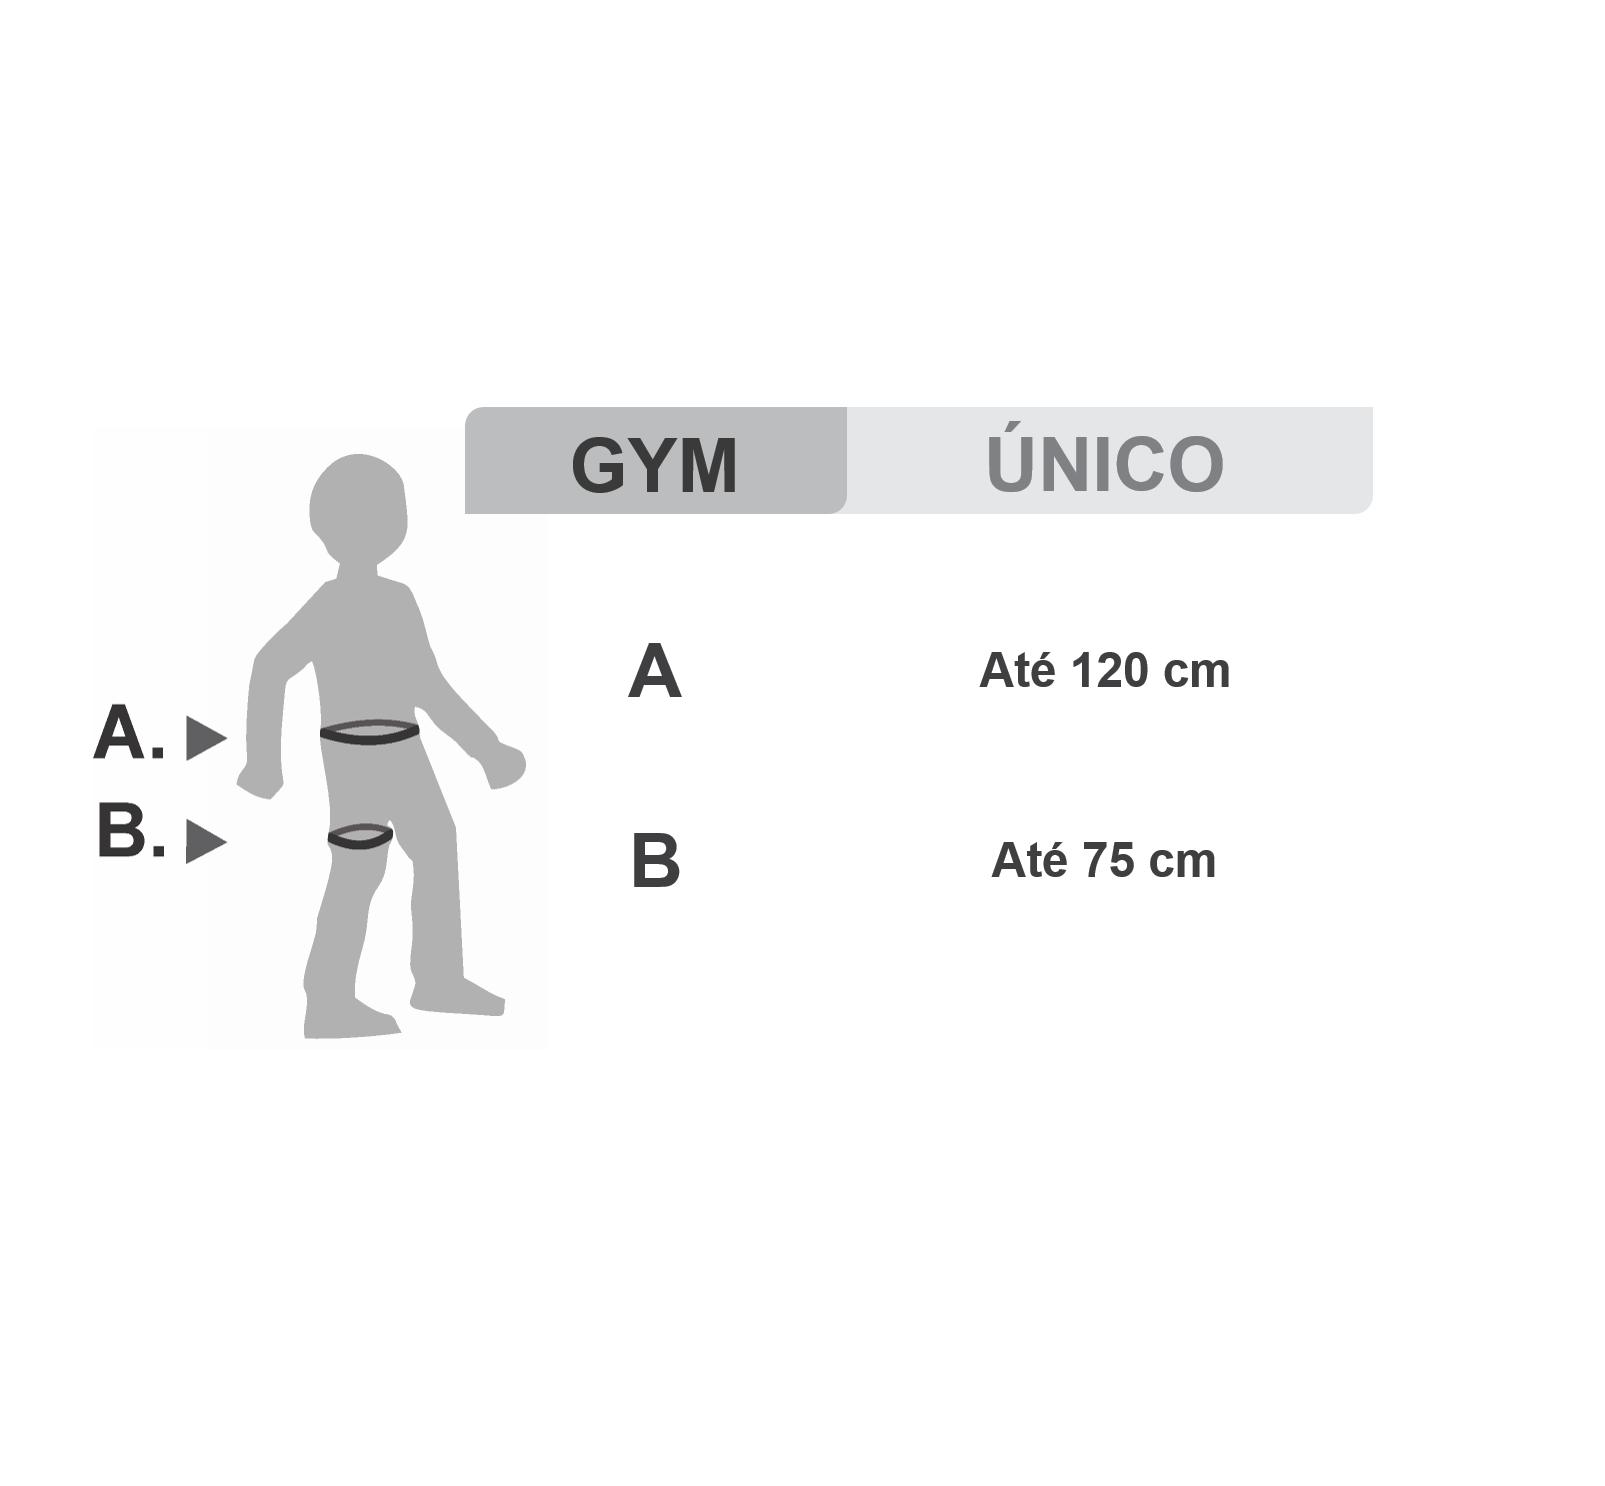 Gym - Cadeirinha para Escalada e Canyoning Tamanho Único Petzl